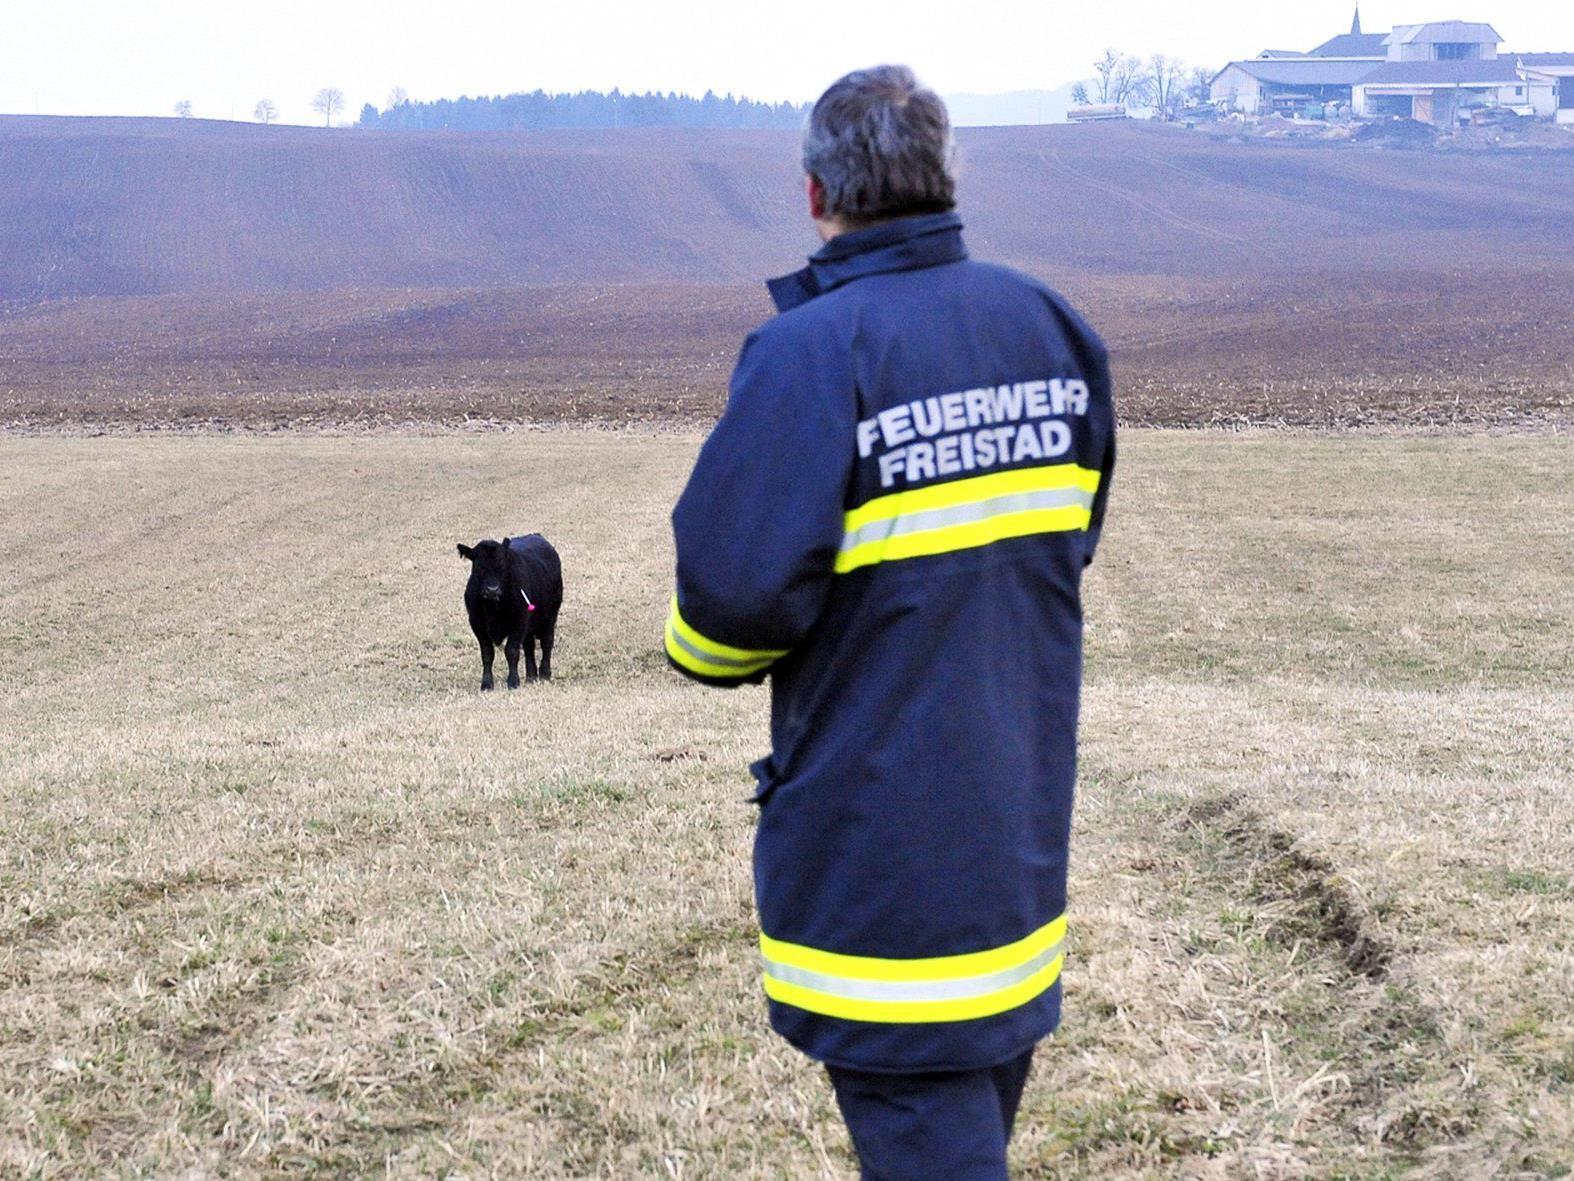 Insgesamt 43 Rinder entkamen am Donnerstag aus einer umzäunten Weide im Bezirk Freistadt.